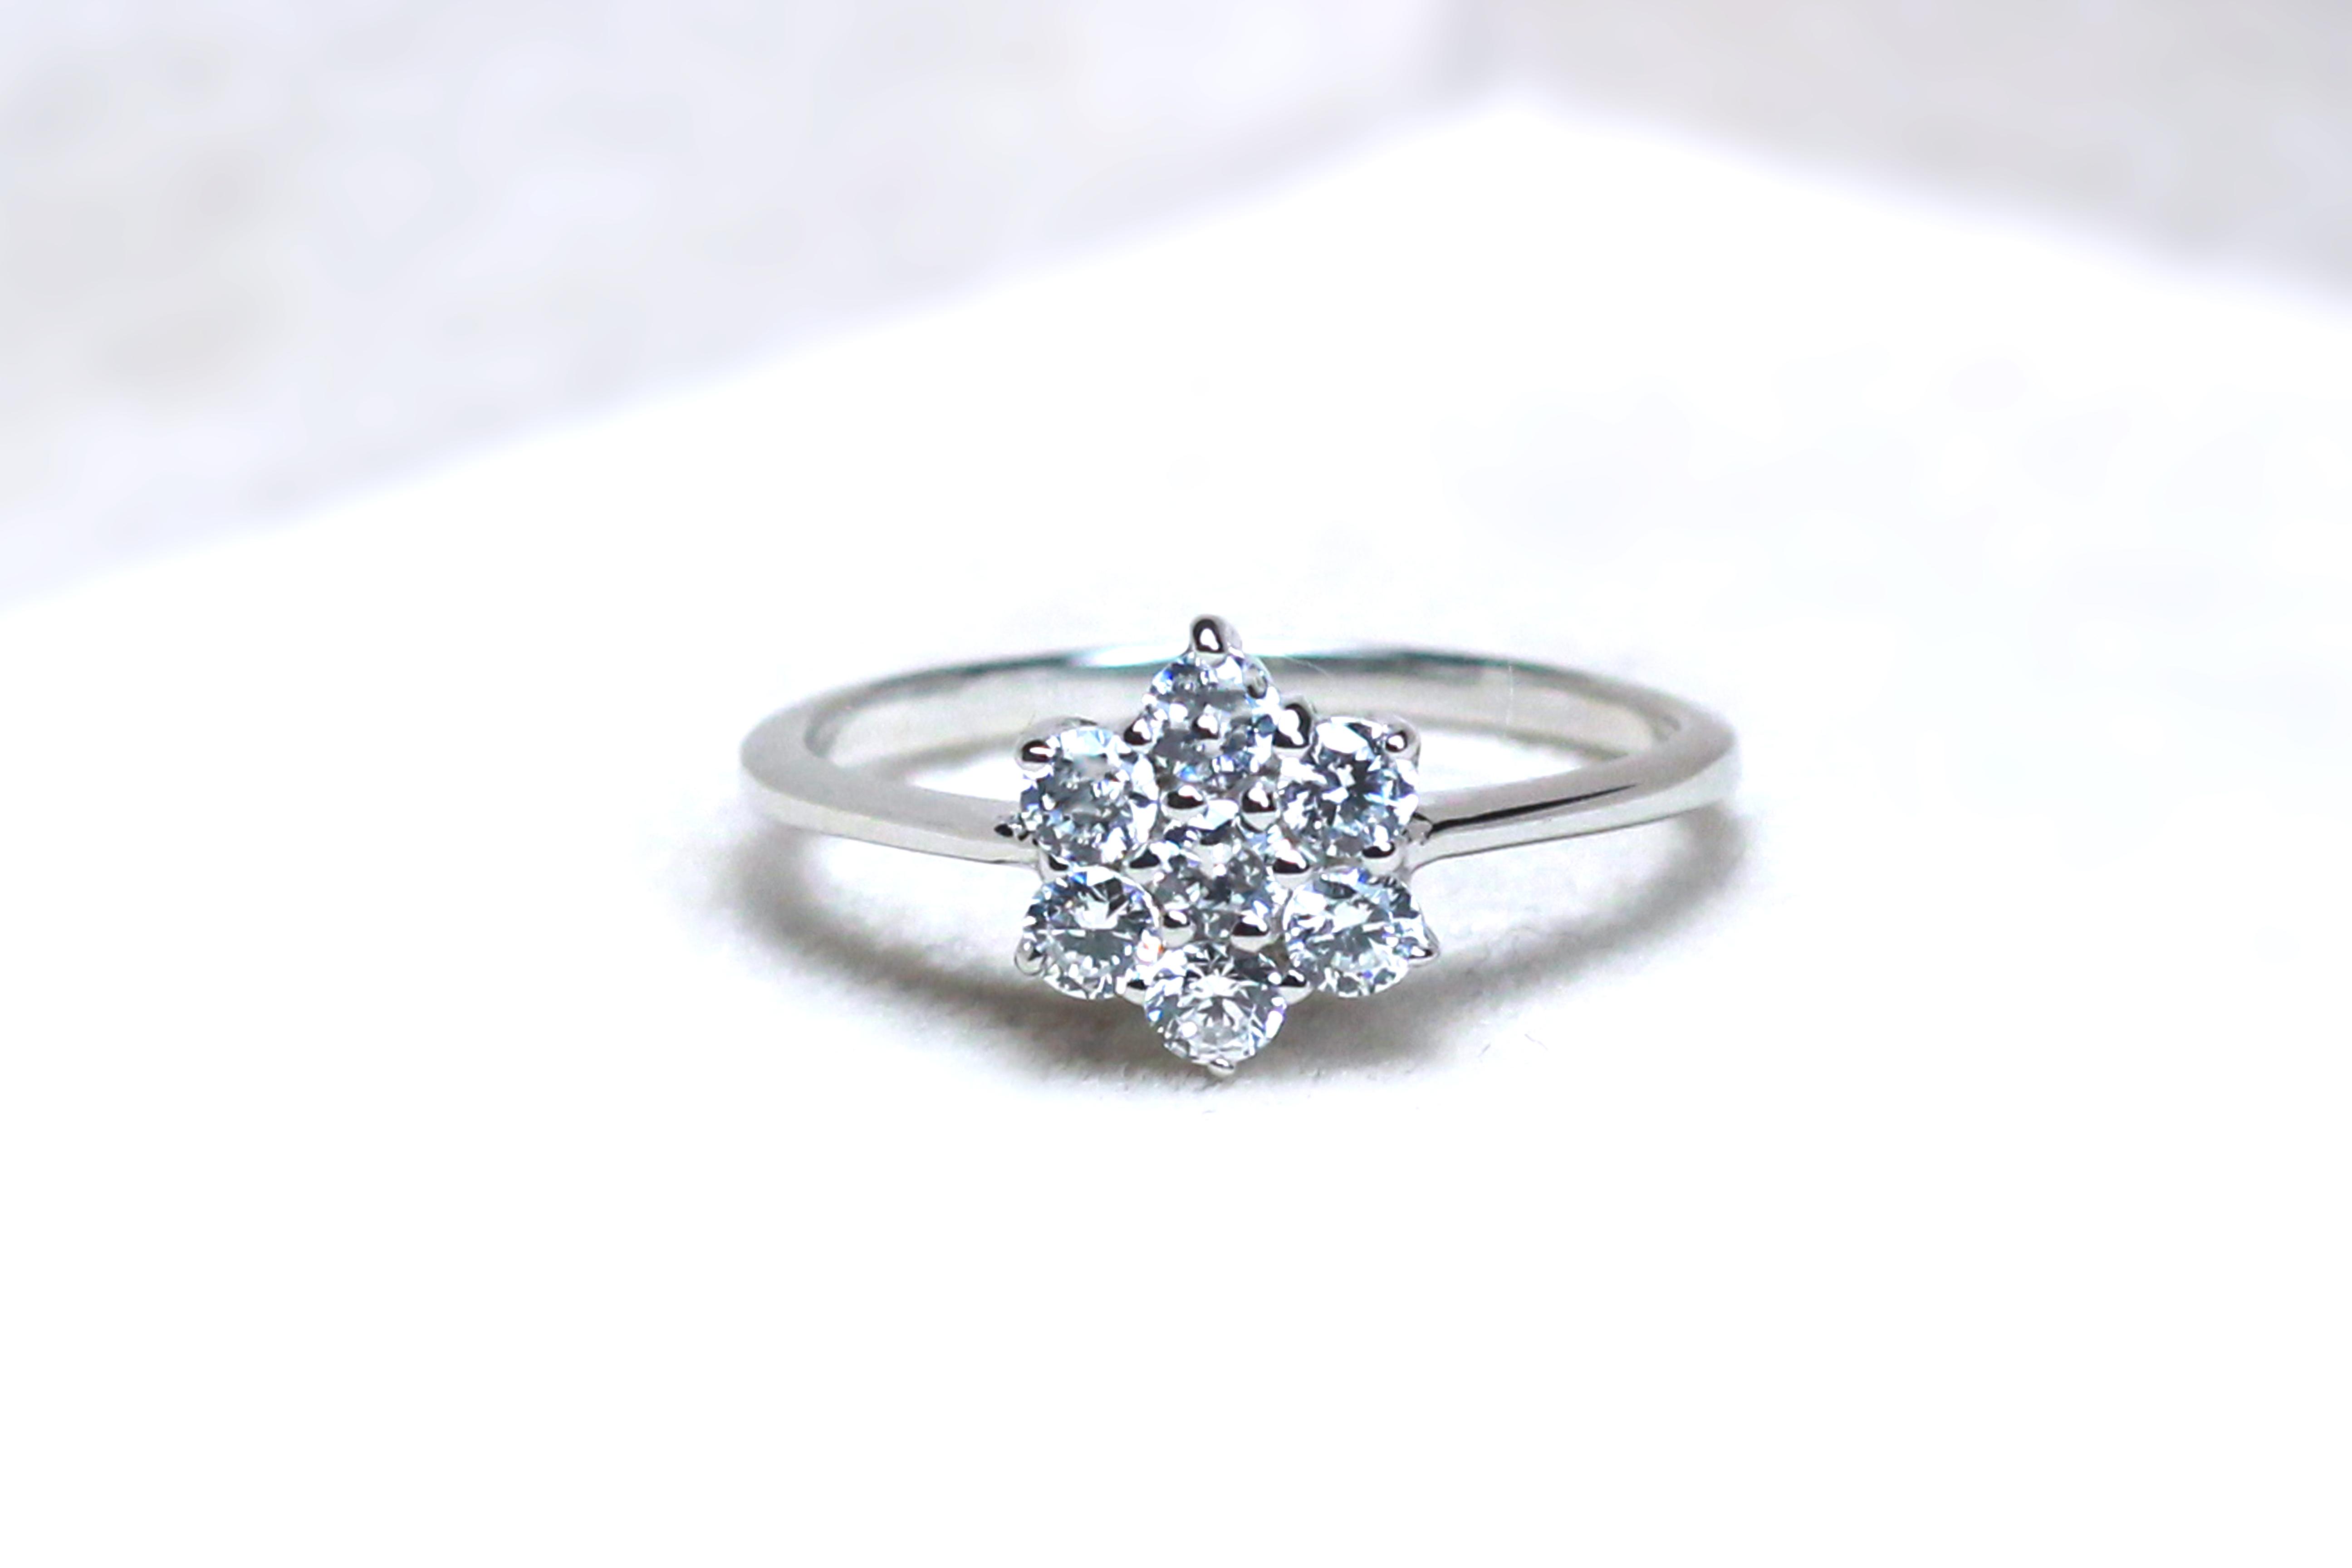 แหวนเงินแท้ เพชรสังเคราะห์ ชุบทองคำขาว รุ่น RG1316 2.50 Little Flower